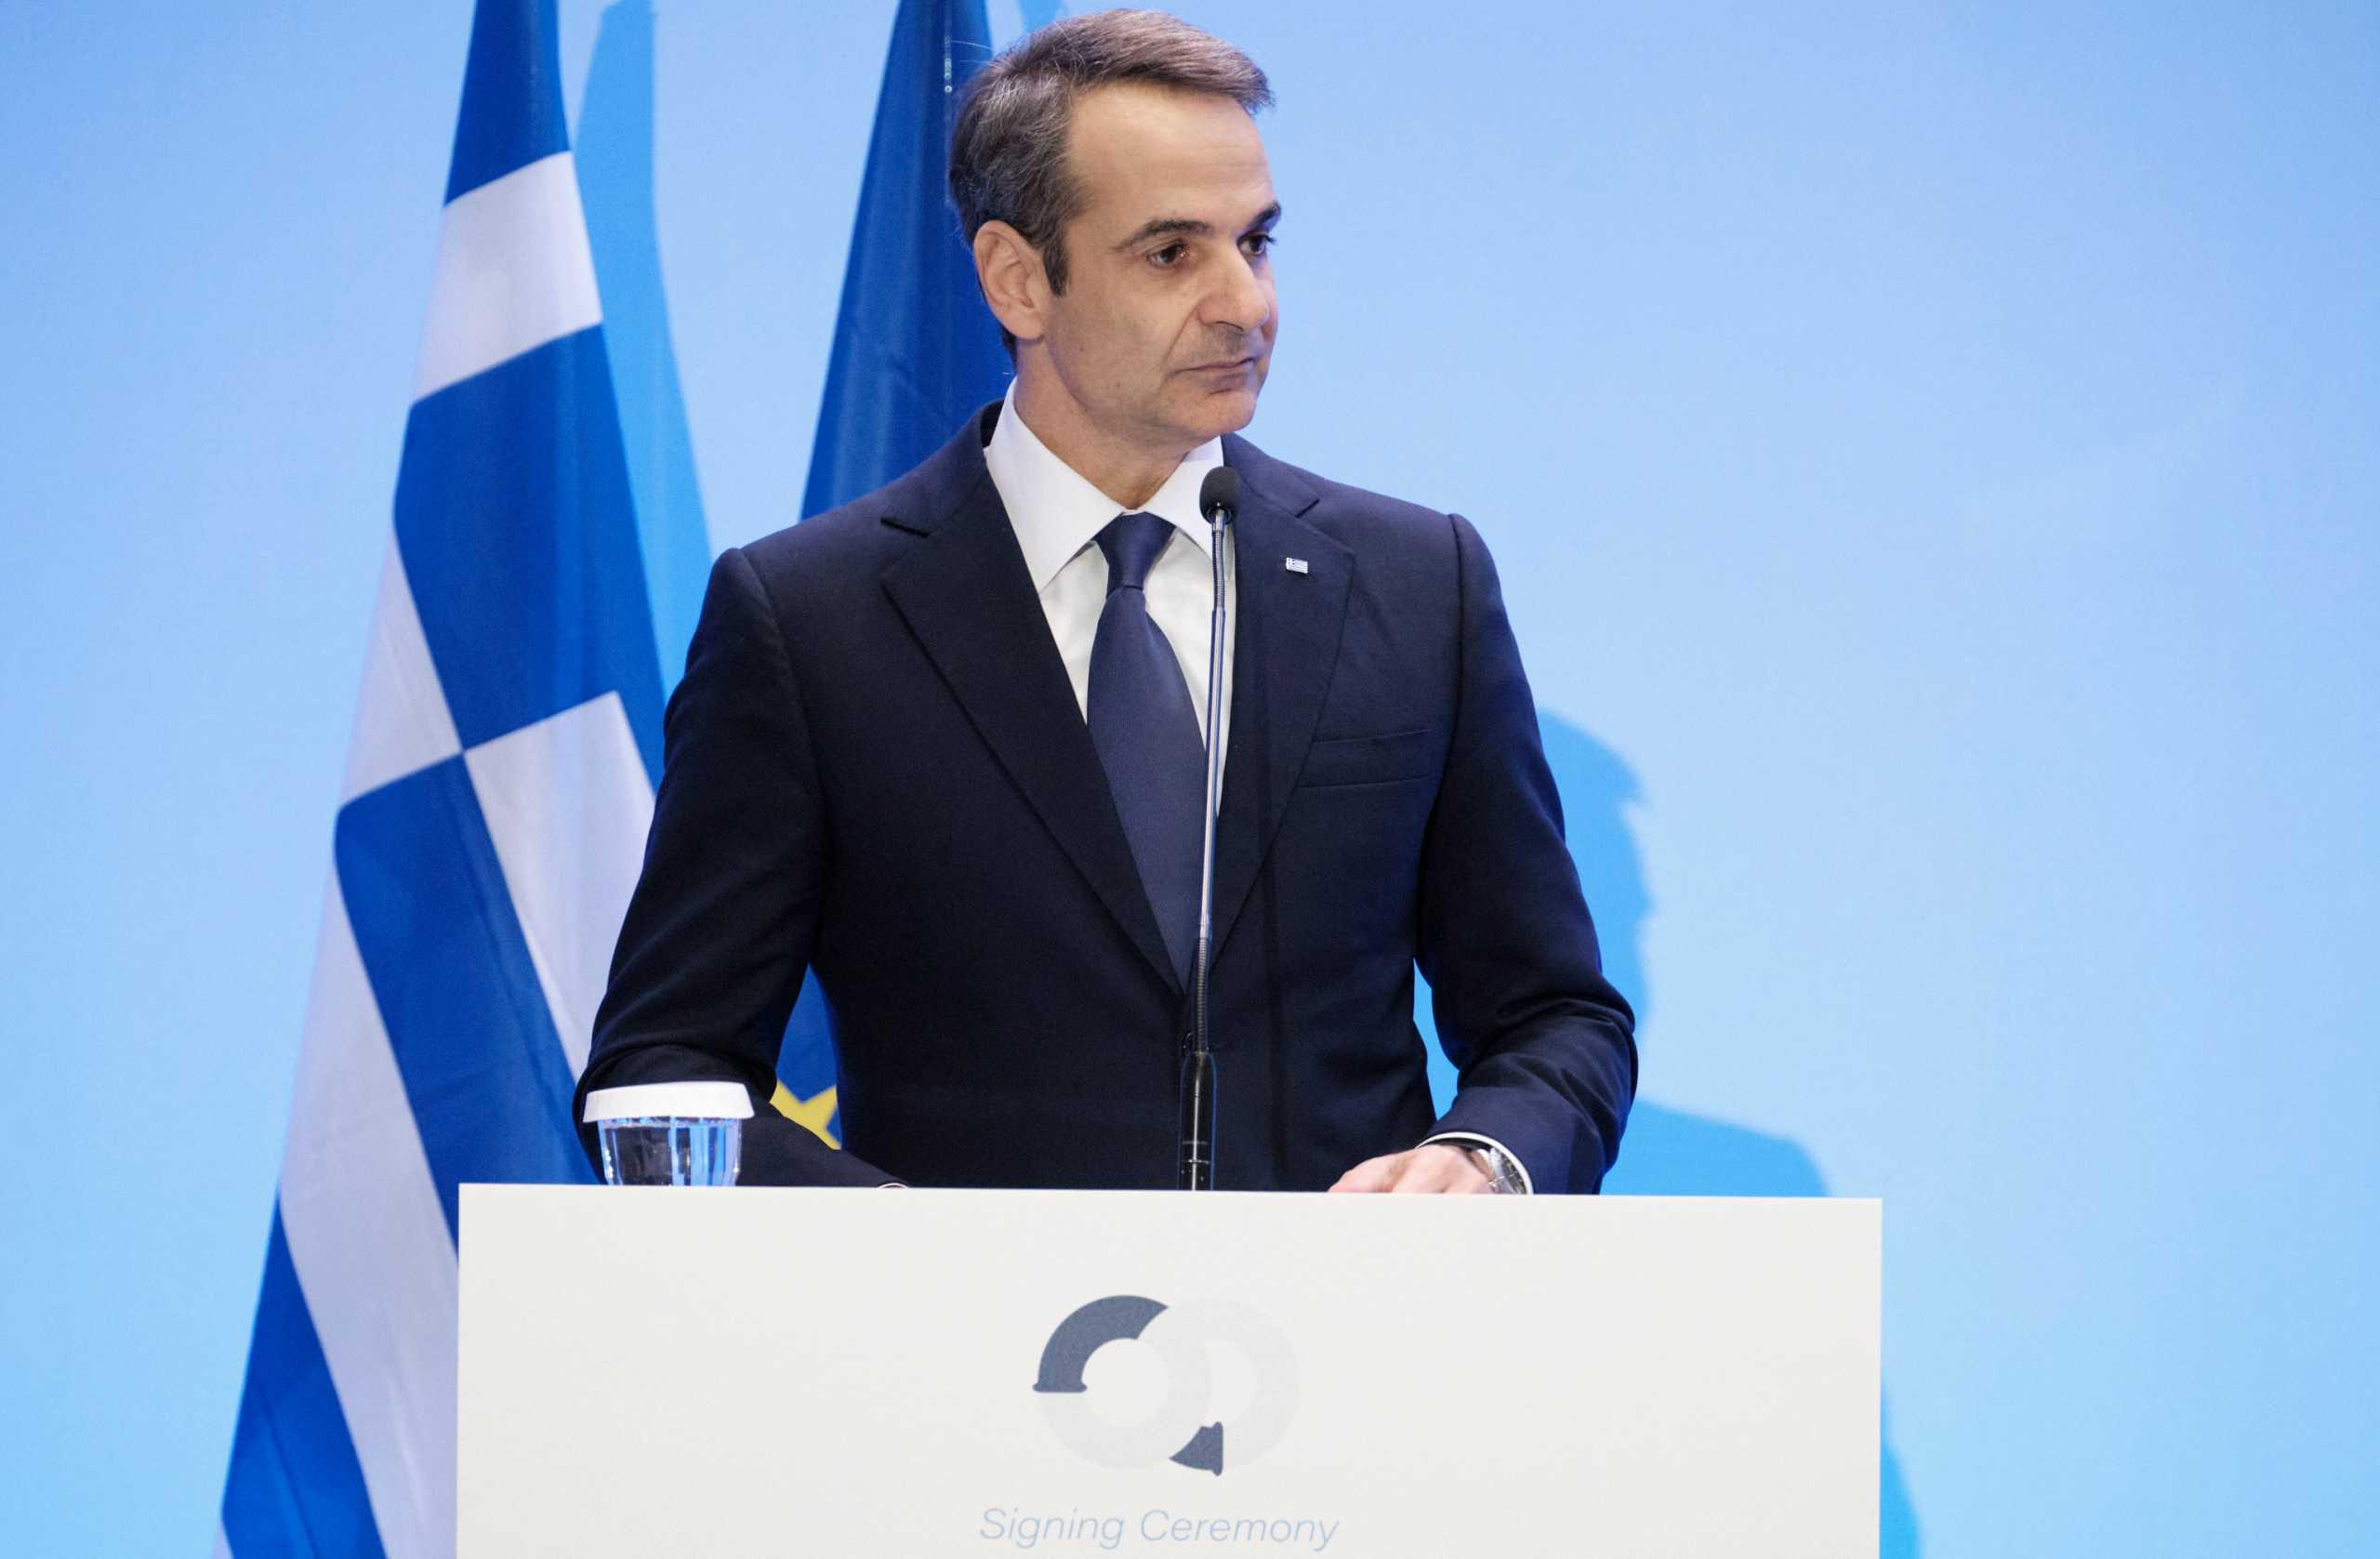 Στην Αθήνα την Παρασκευή η σύνοδος EU-Med7 – Ο Κυριάκος Μητσοτάκης θα «ανοίξει» τις εργασίες